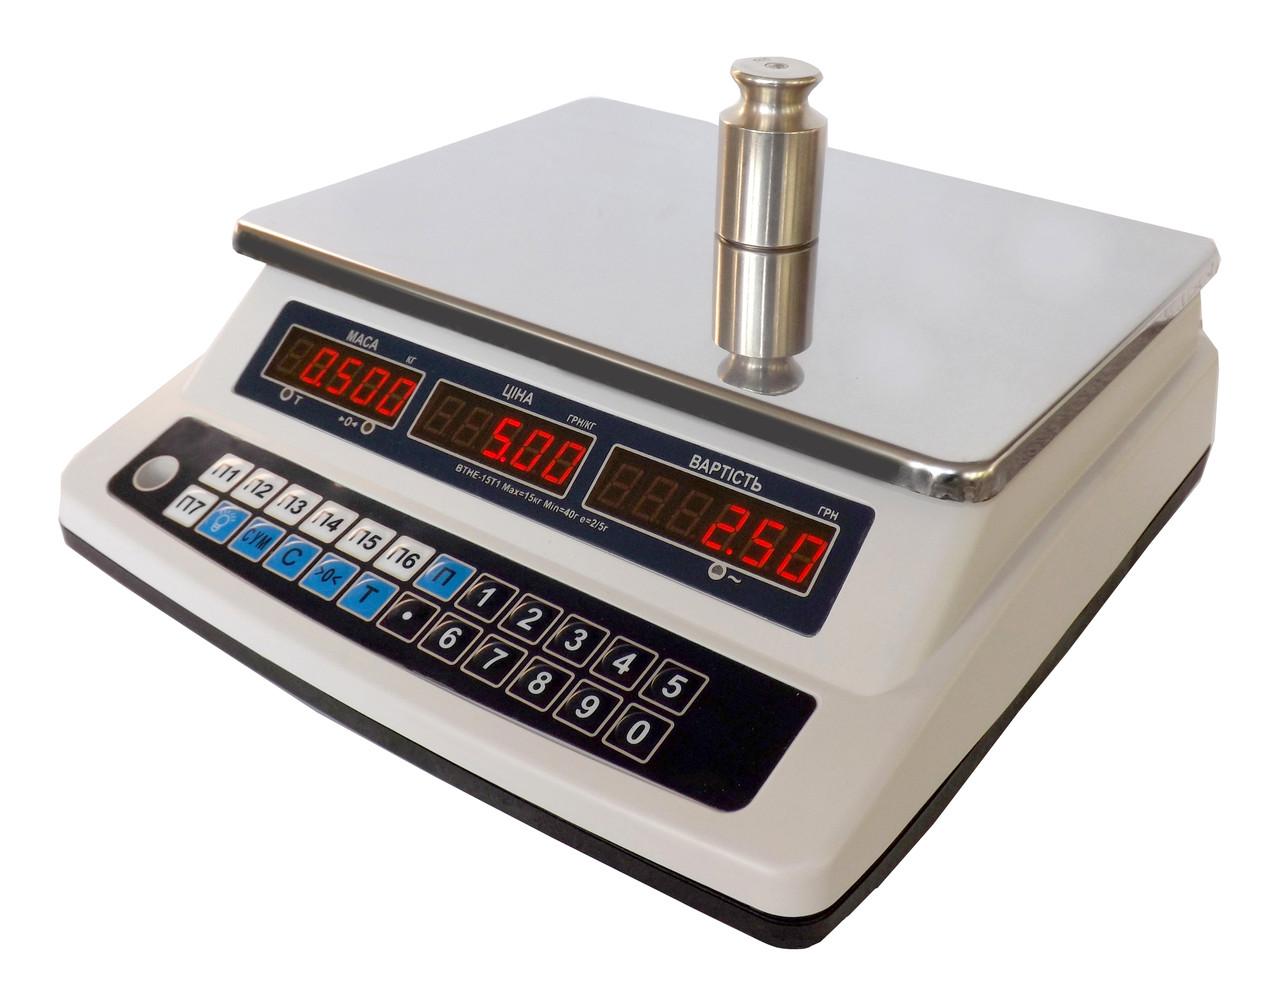 Весы торговые электронные ВТНЕ-15Т1 - Компания УкрВесы [Ukrvesi] в Днепре